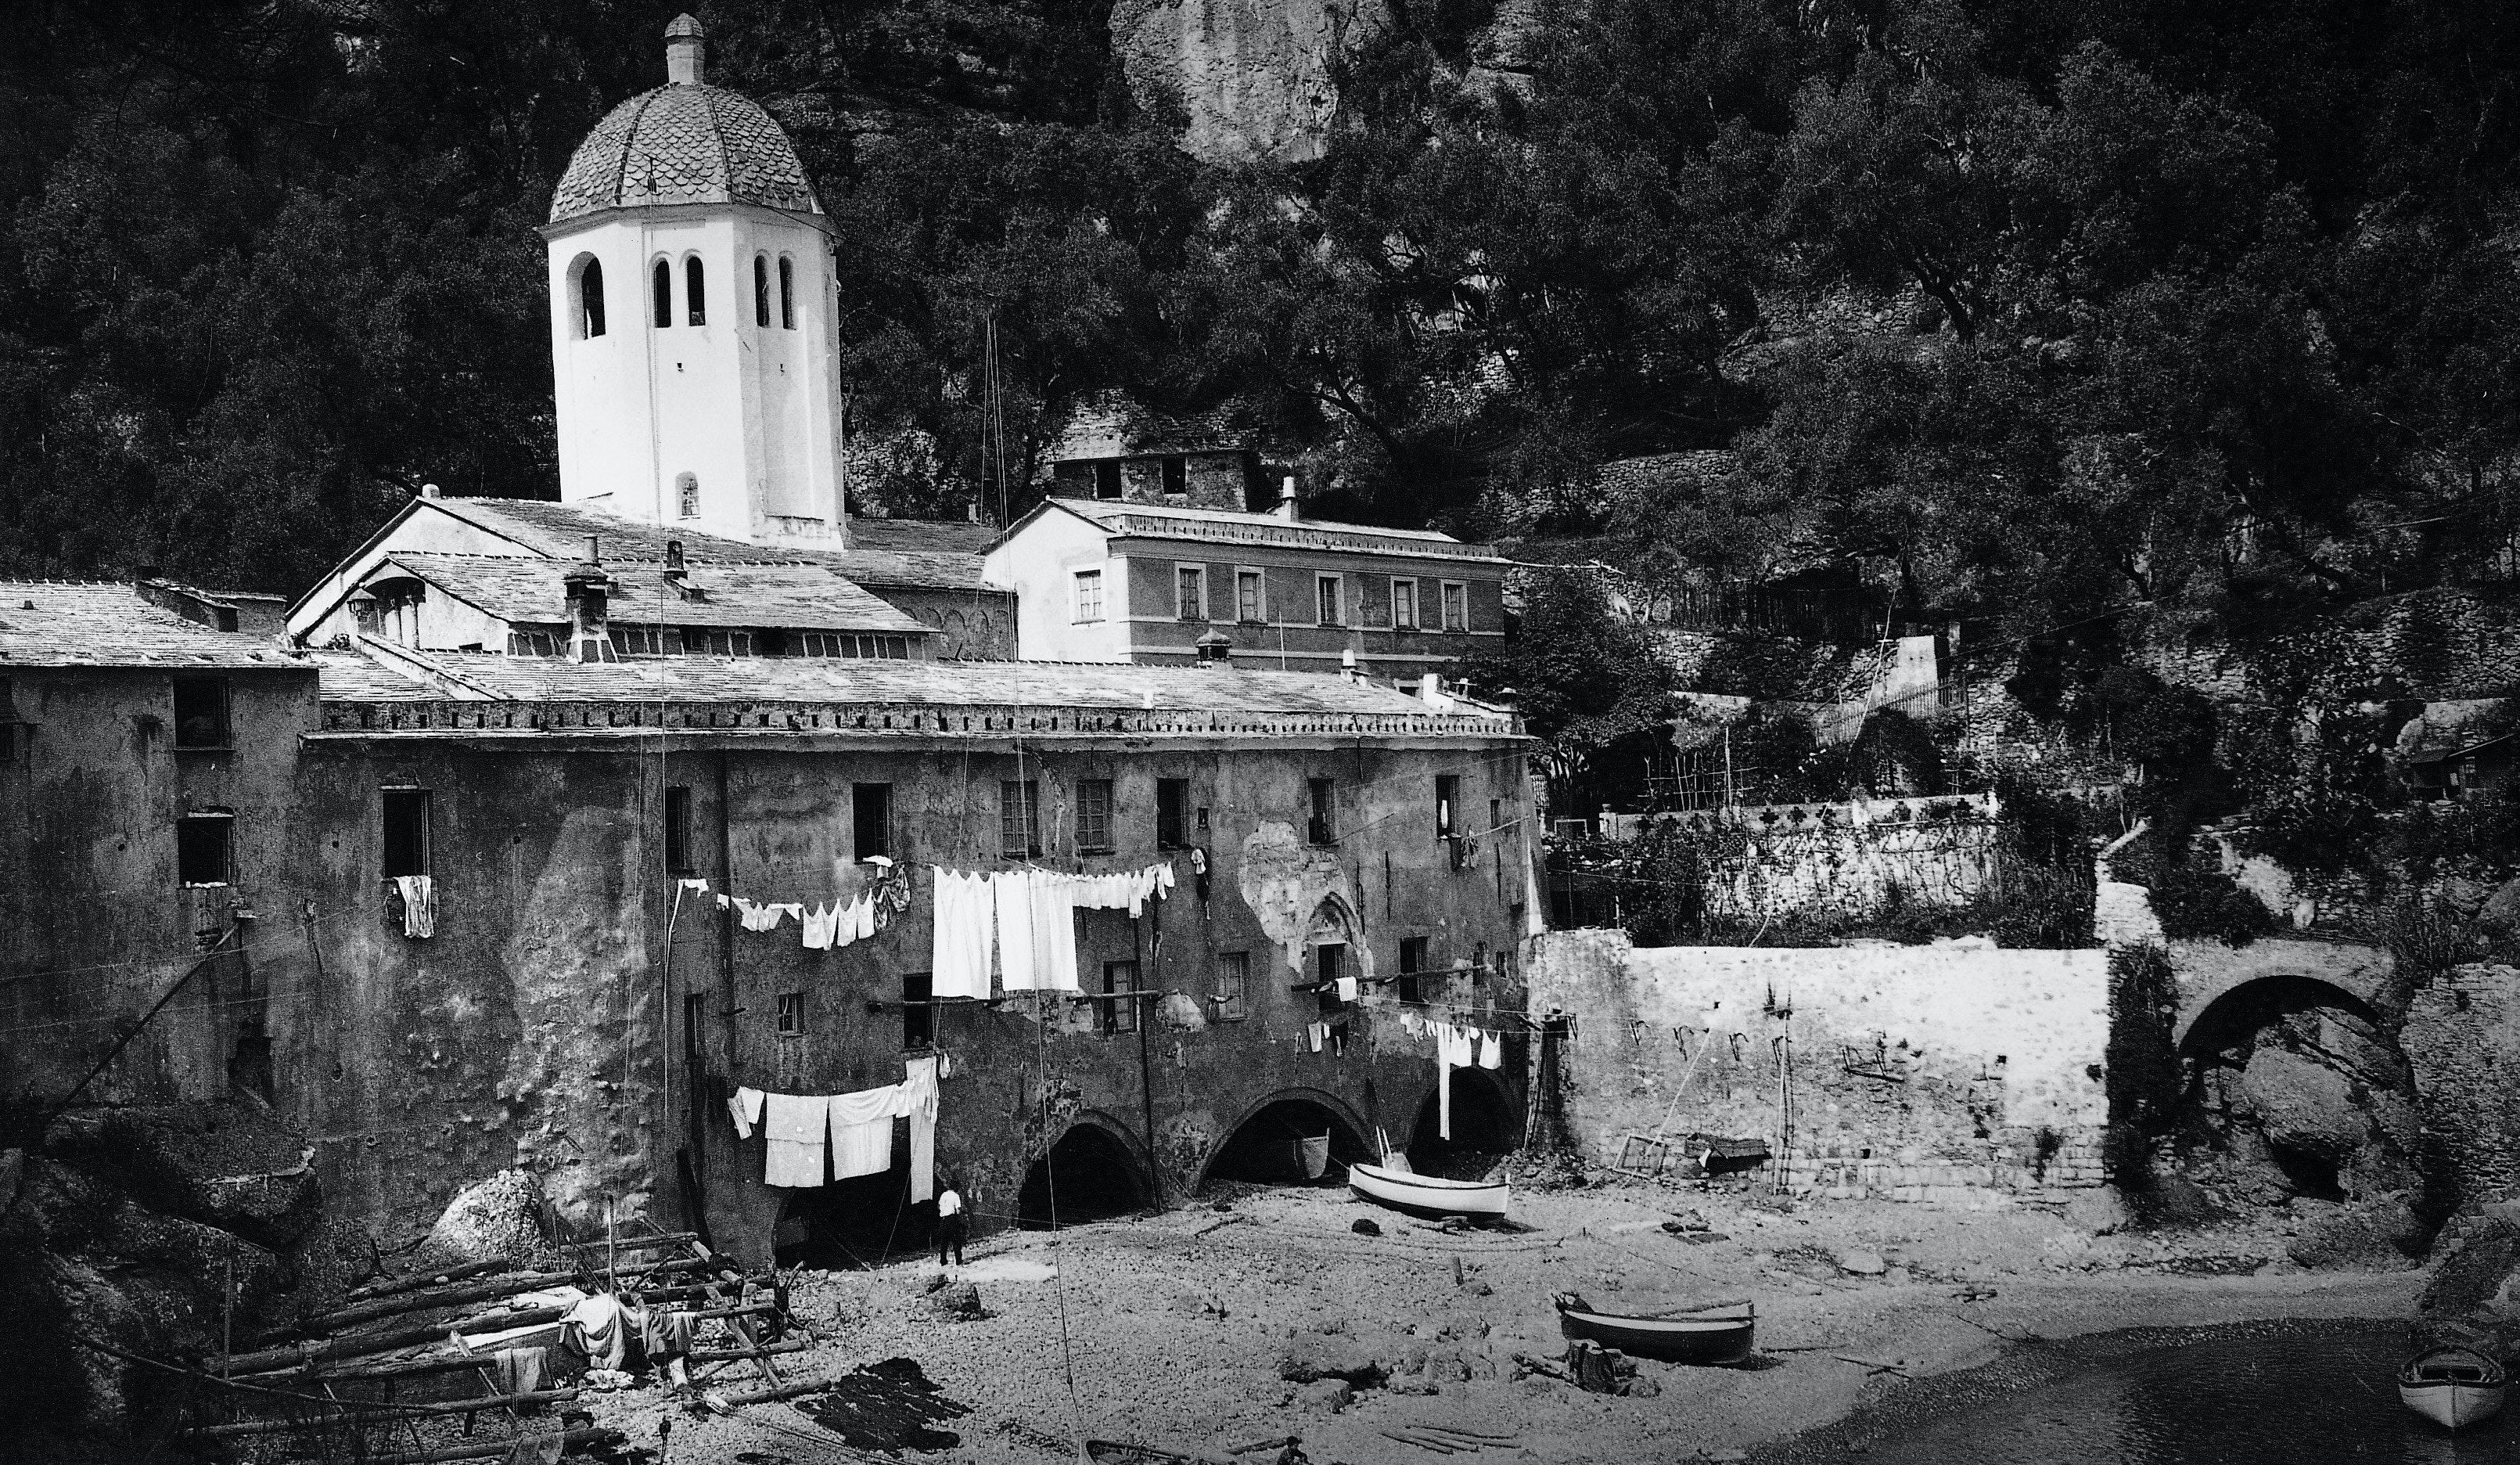 Abbazia di San Fruttuoso, Camogli (GE)